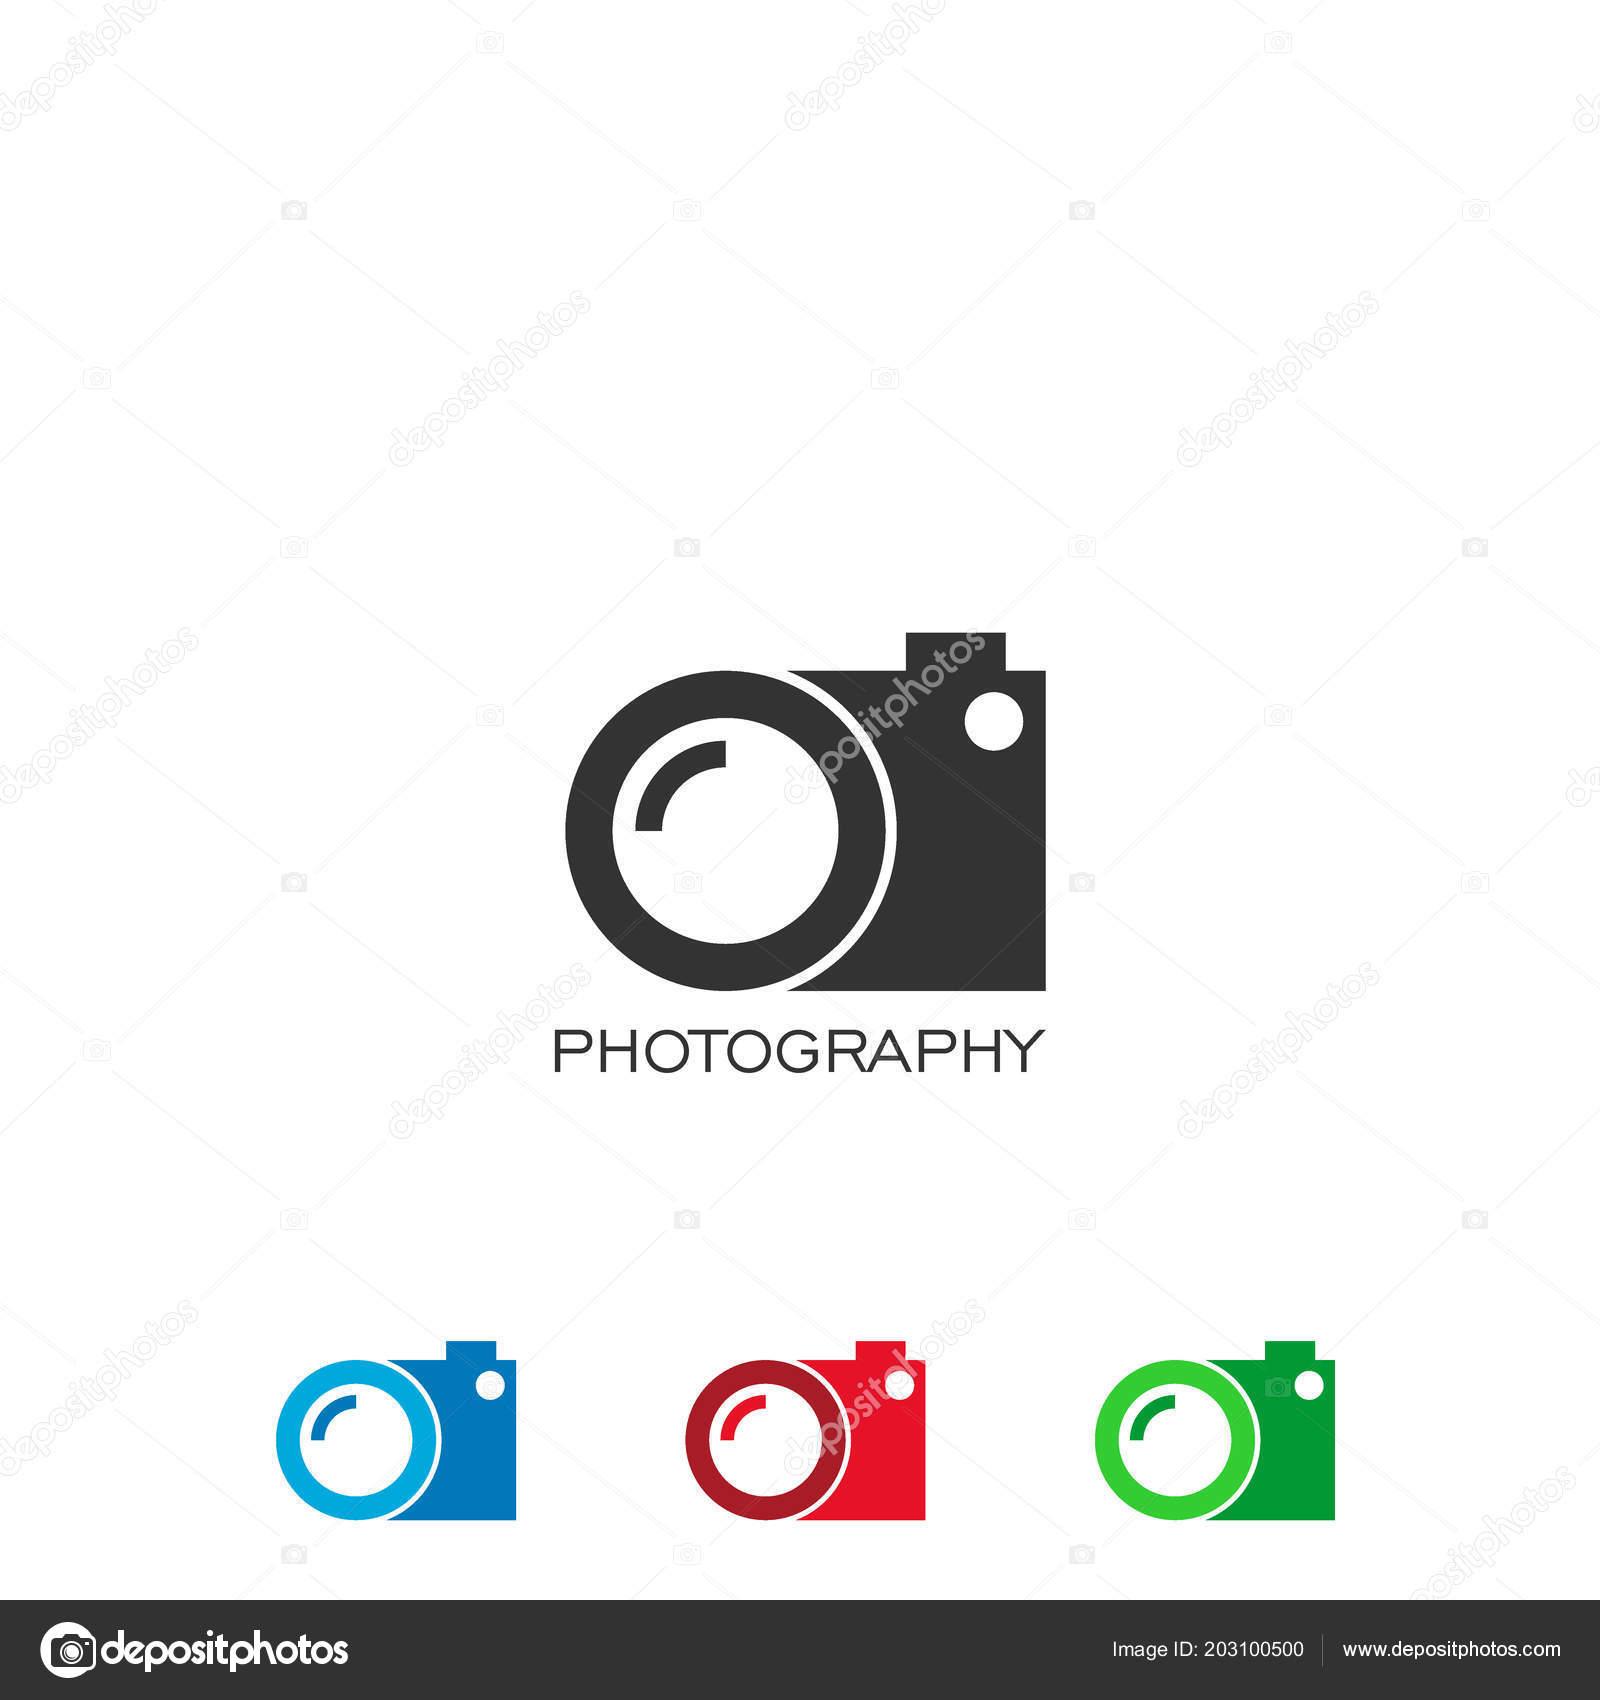 Lense Logo Lens Logo Design Camera Logo Photography Vector Icons Stock Vector C Muslihalamin 203100500